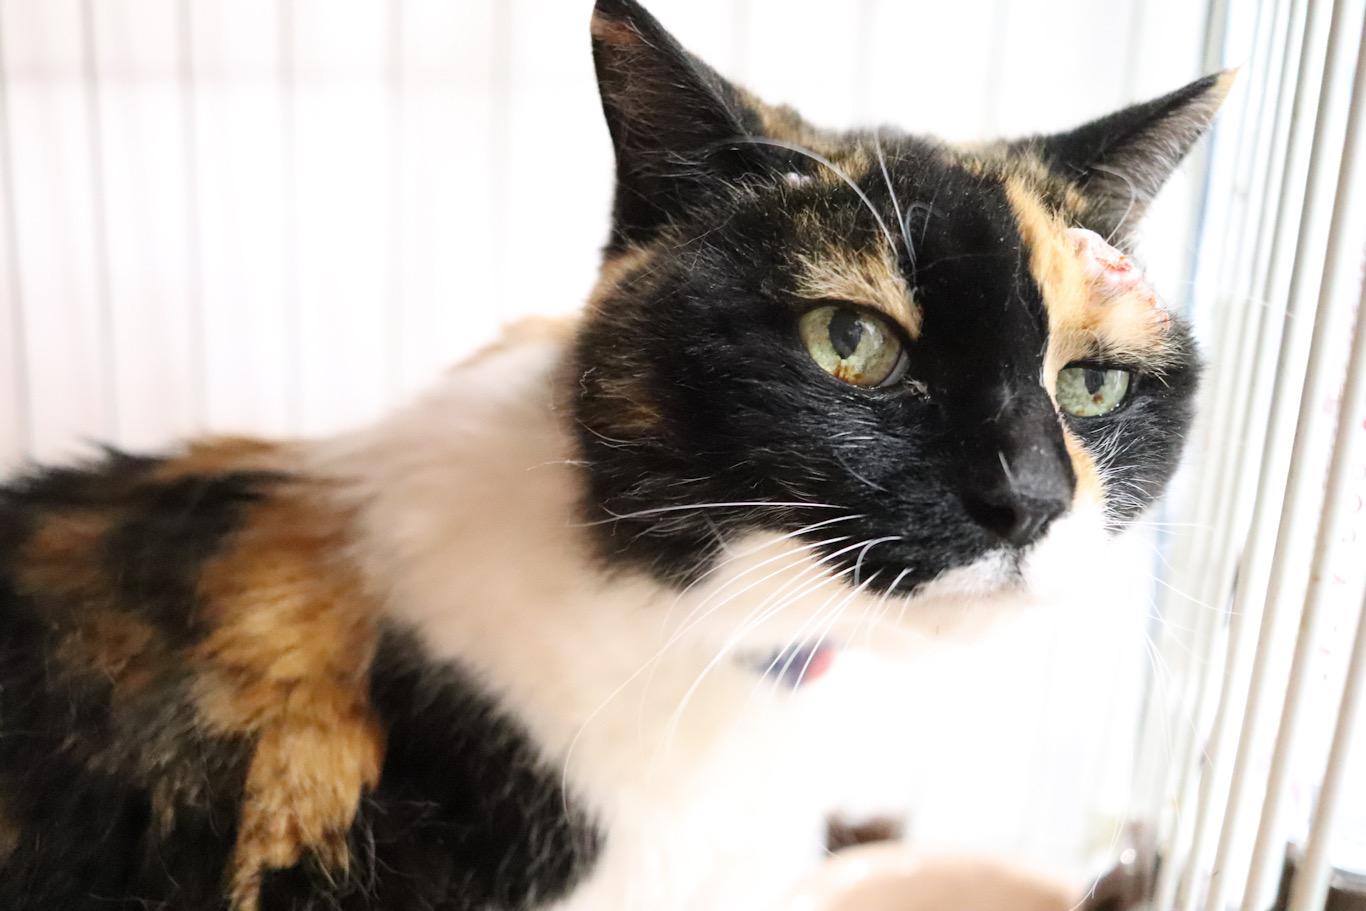 <ul> <li>猫種:日本猫(三毛)</li> <li>性別:女の子</li> <li>名前:メイ</li> <li>年齢:2004年頃生まれ</li> <li>保護経緯:高齢の飼い主が逝去し、親族も引き継ぐことが出来ず飼育困難</li> </ul>